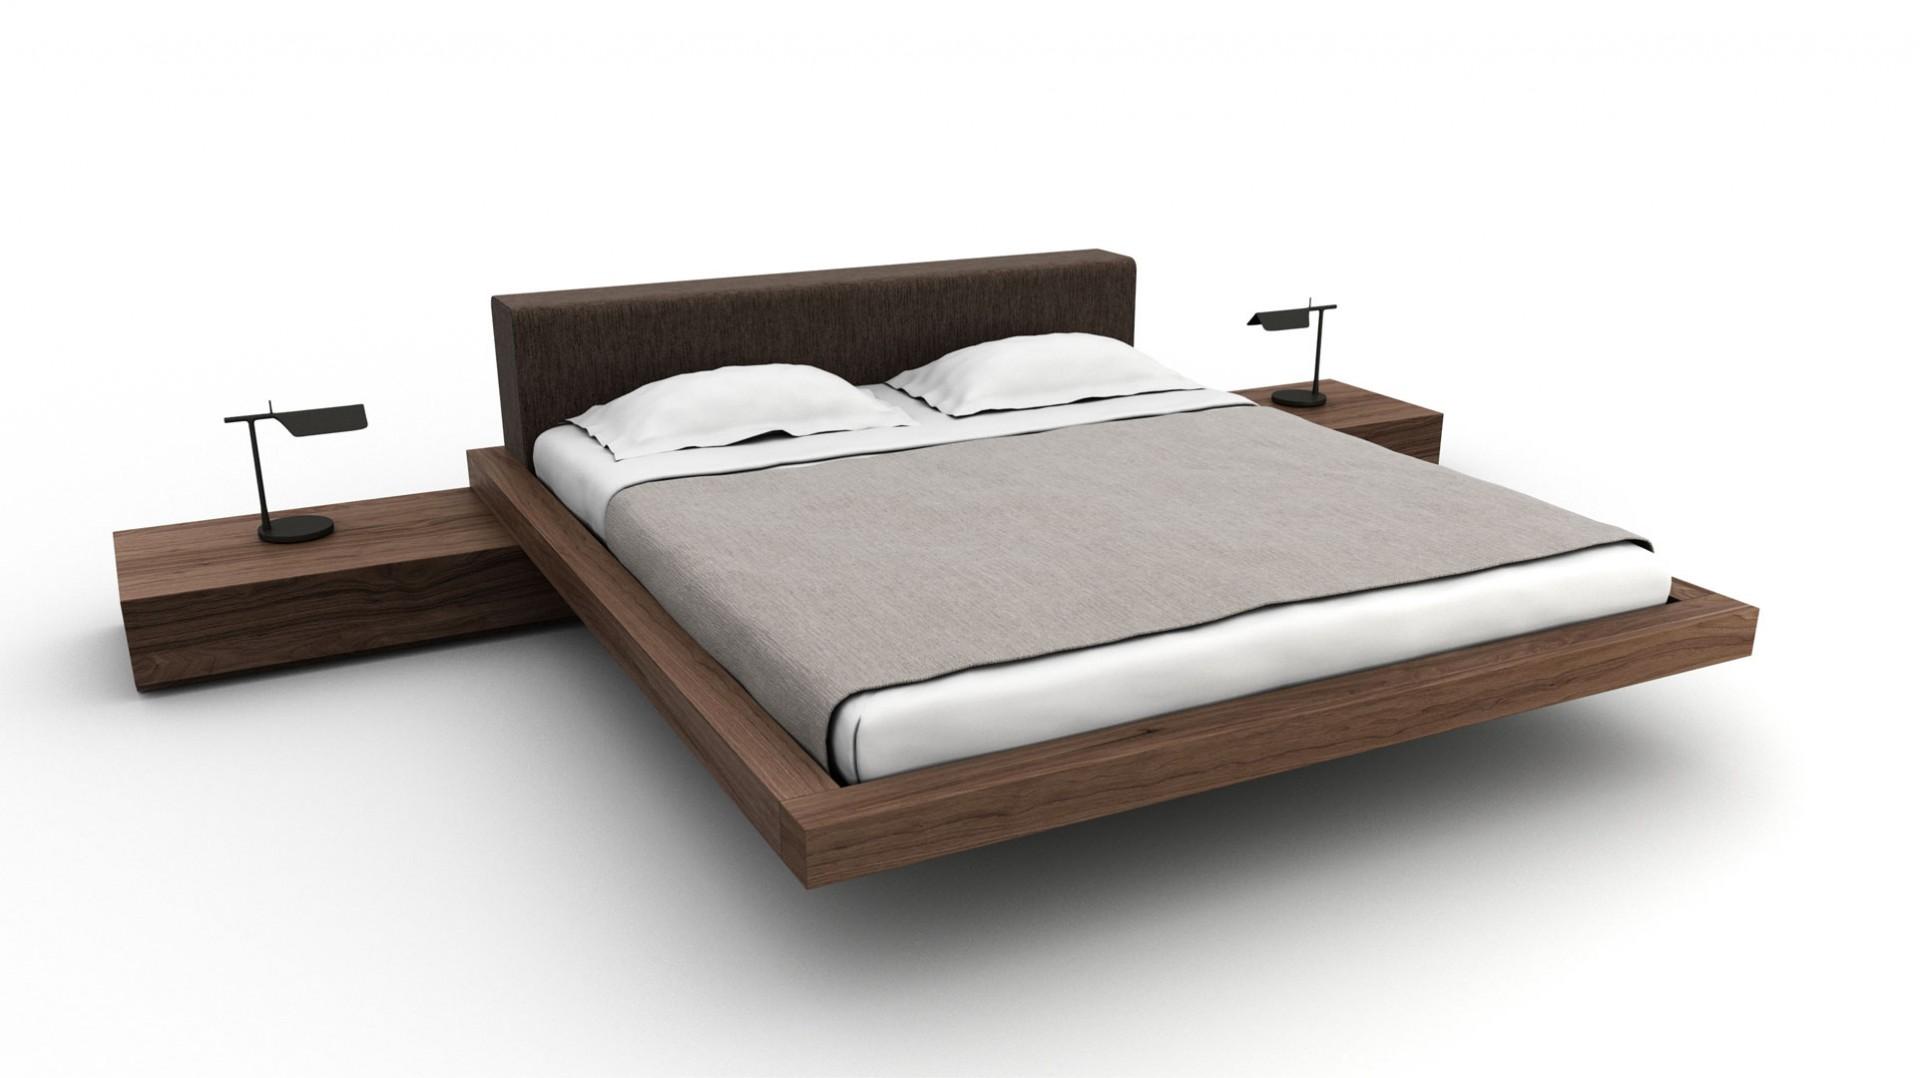 posteľ way z masívneho orechového dreva s látkovým čalúneným čelom, masívna orechová posteľ, moderná orechová posteľ, orechová posteľ s čalúneným čelom